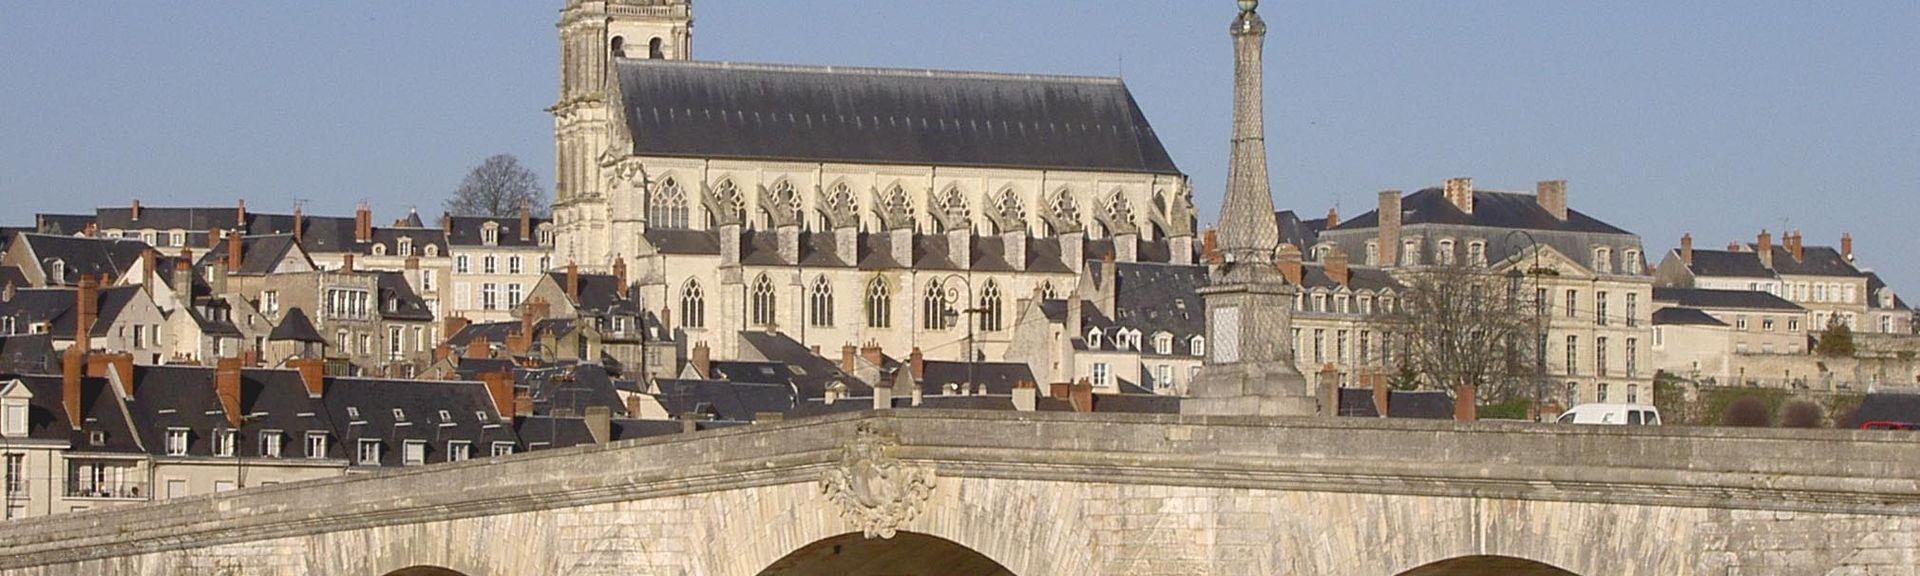 Chaumont-sur-Loire, Loir-et-Cher (departamento), França